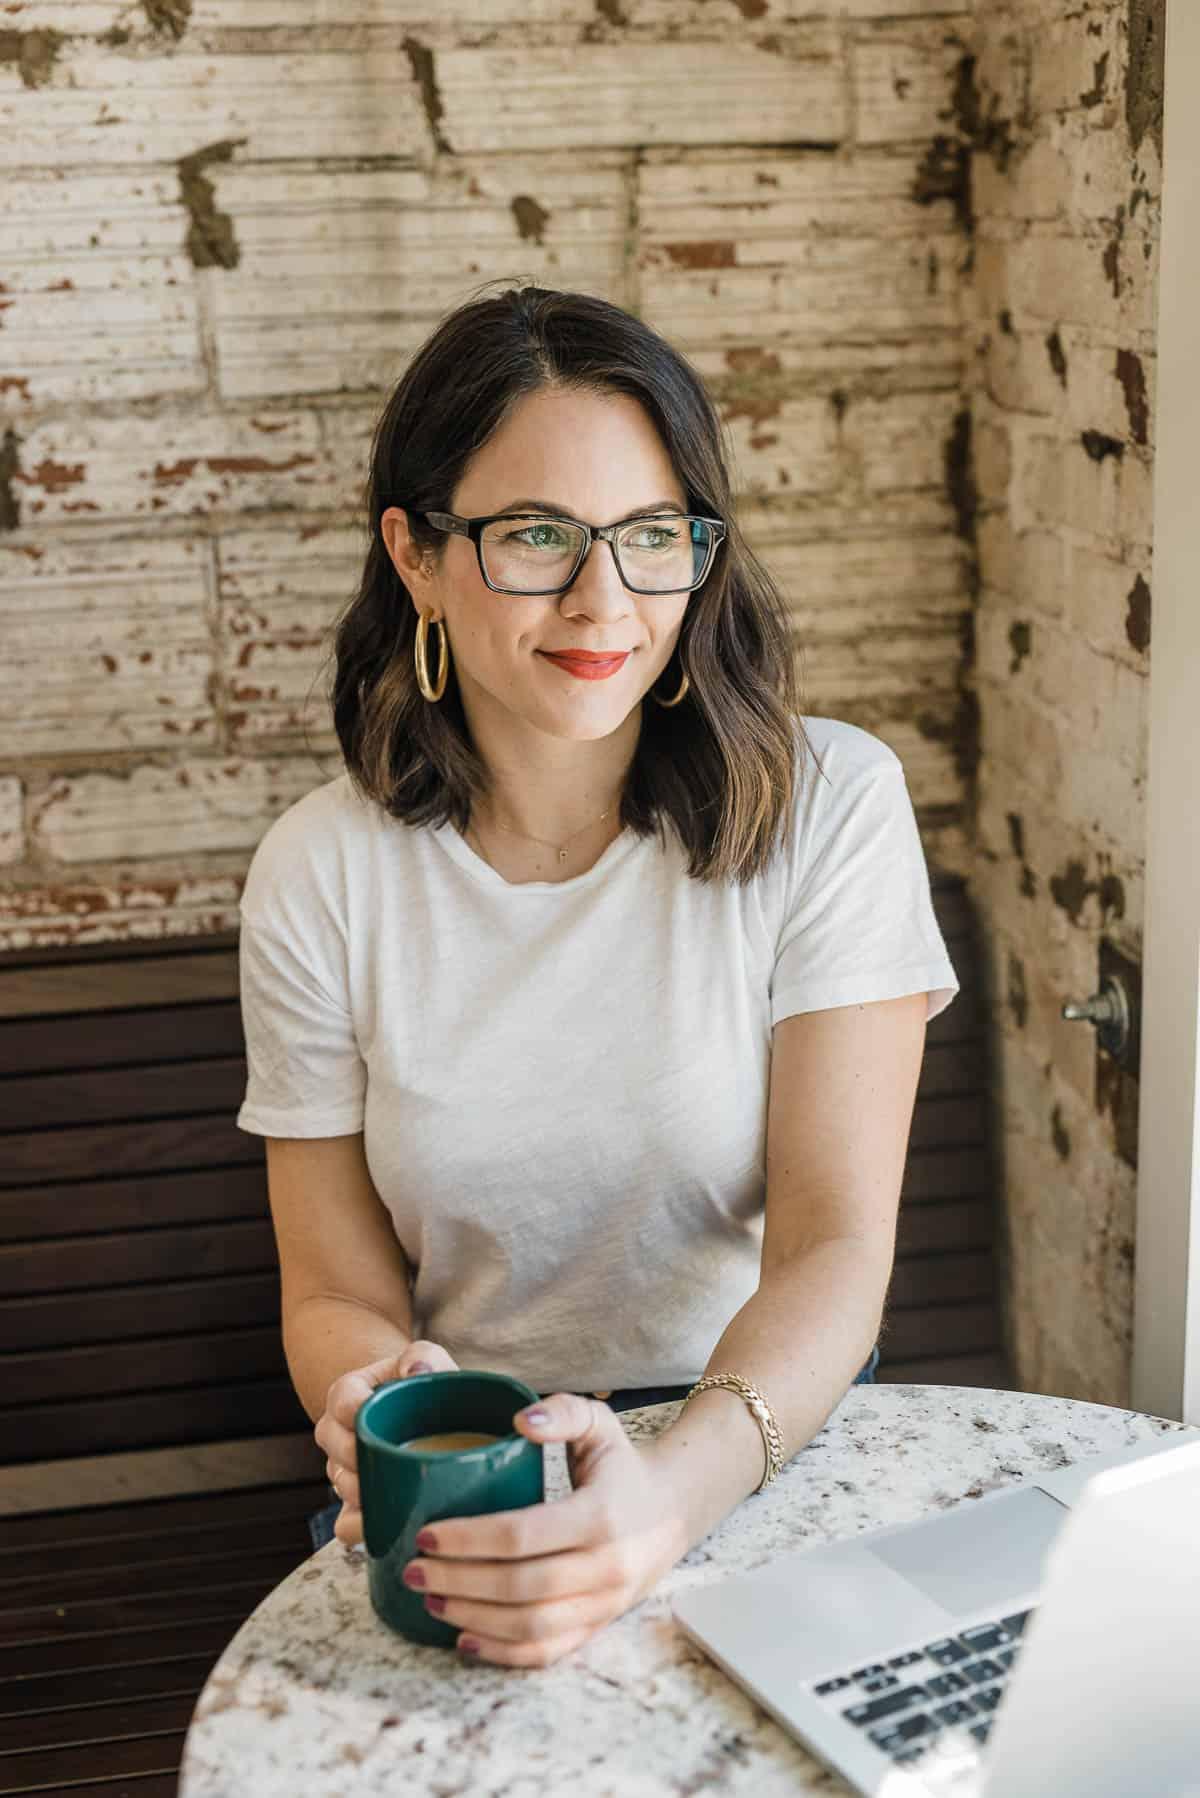 Blog Sponsorship Tips by My Style Vita